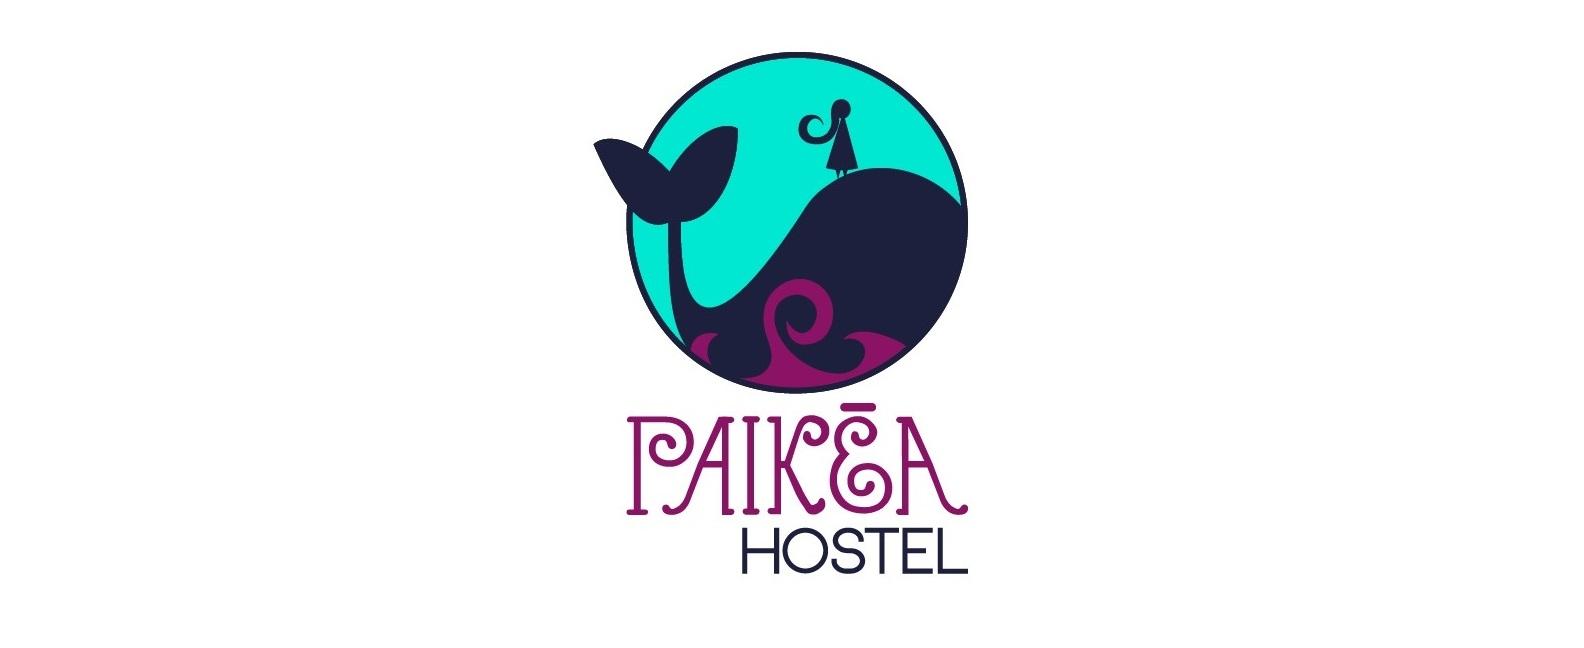 Paikea logo